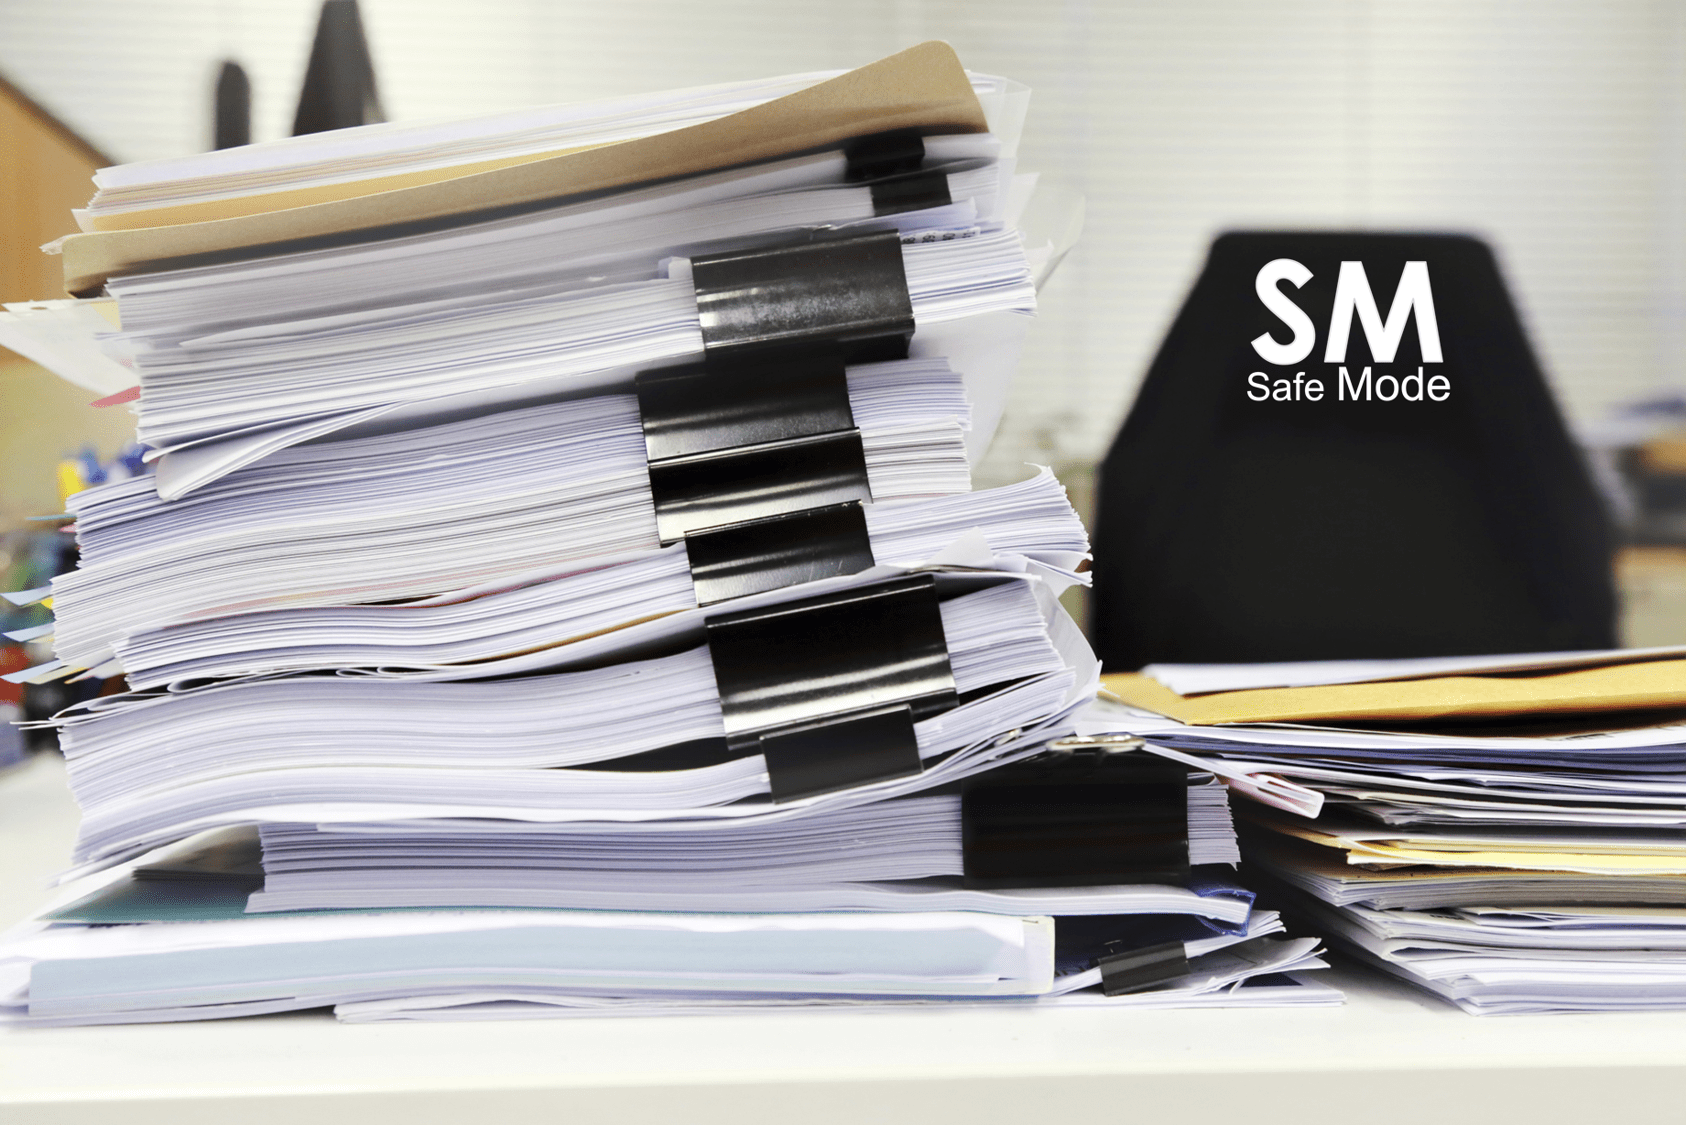 reducir uso de papel en las empresas